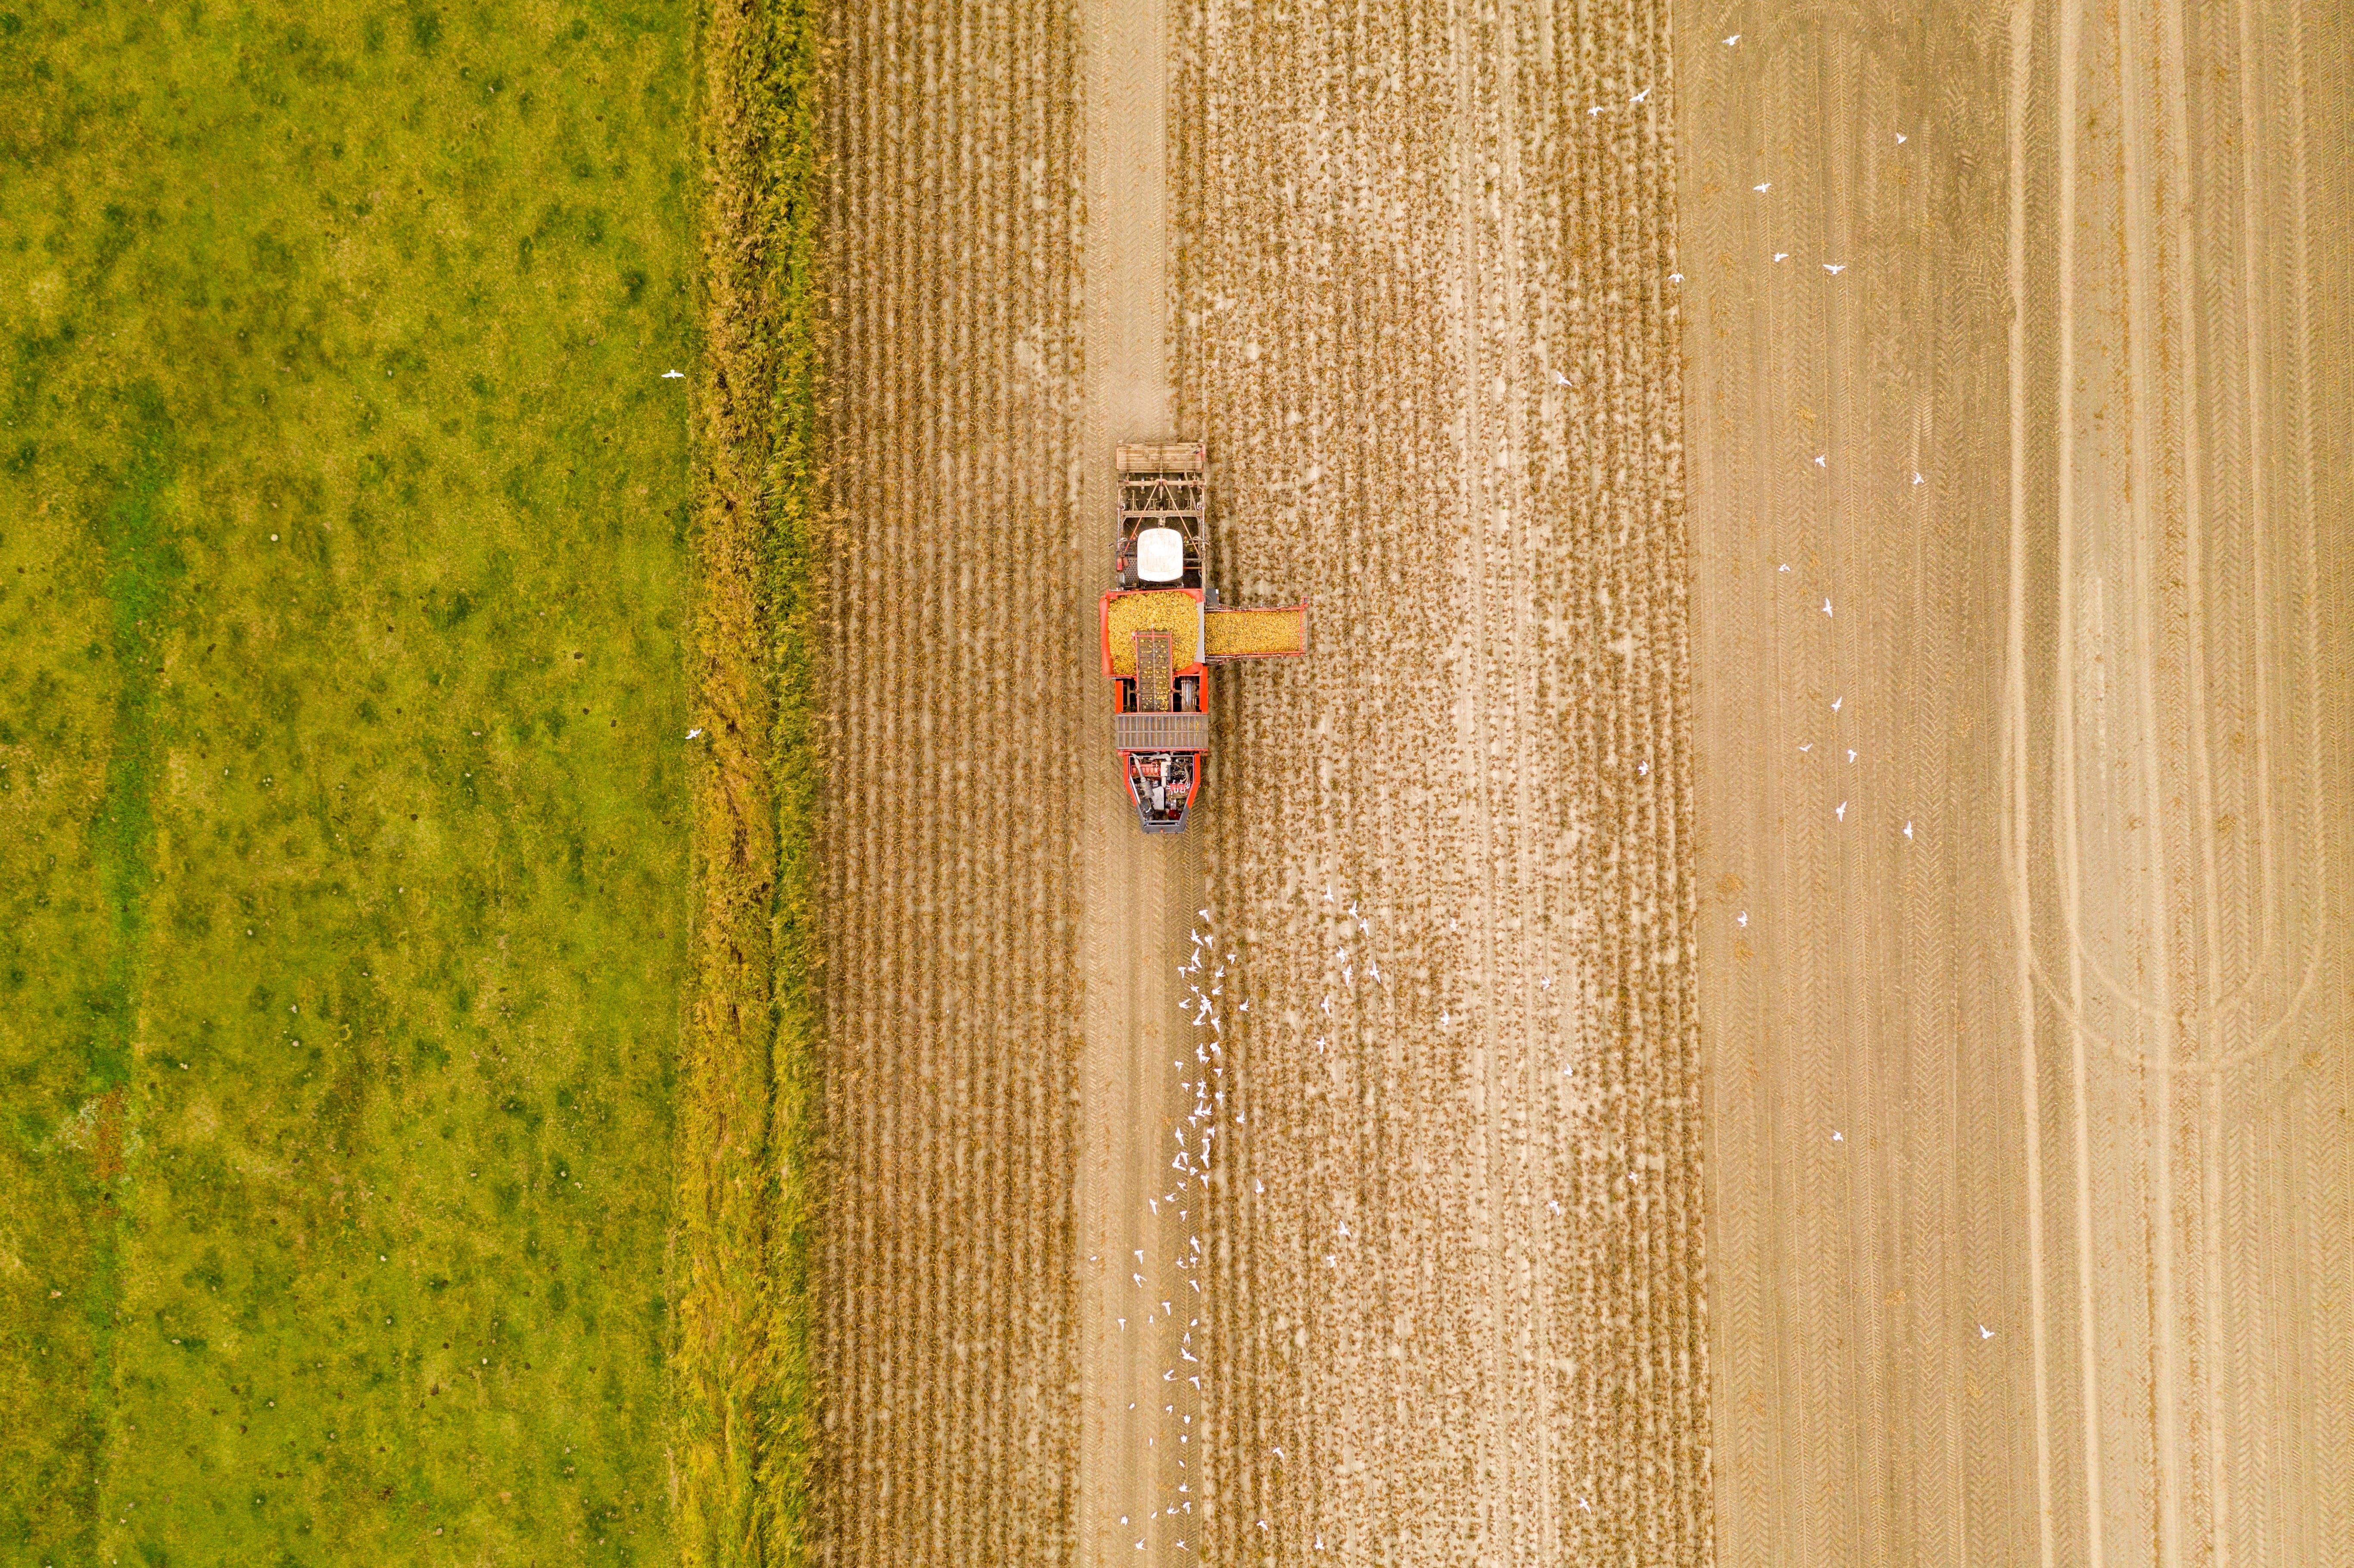 Δωρεάν στοκ φωτογραφιών με dji, αγρότης, αγροτικός, βίντεο από drone